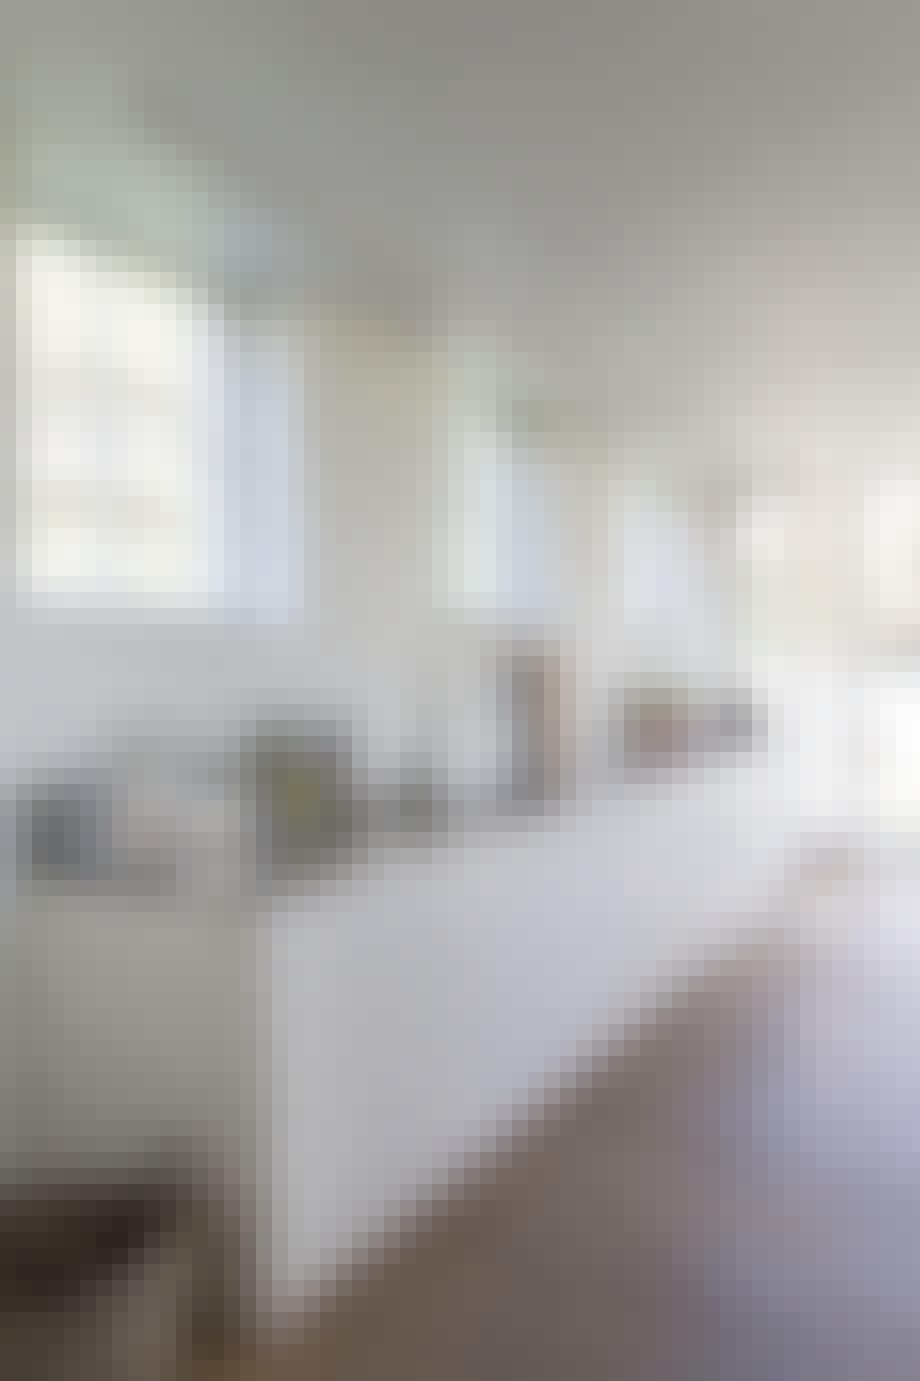 murermestervilla ombygning tilbygning danske boligarkitekter skabe